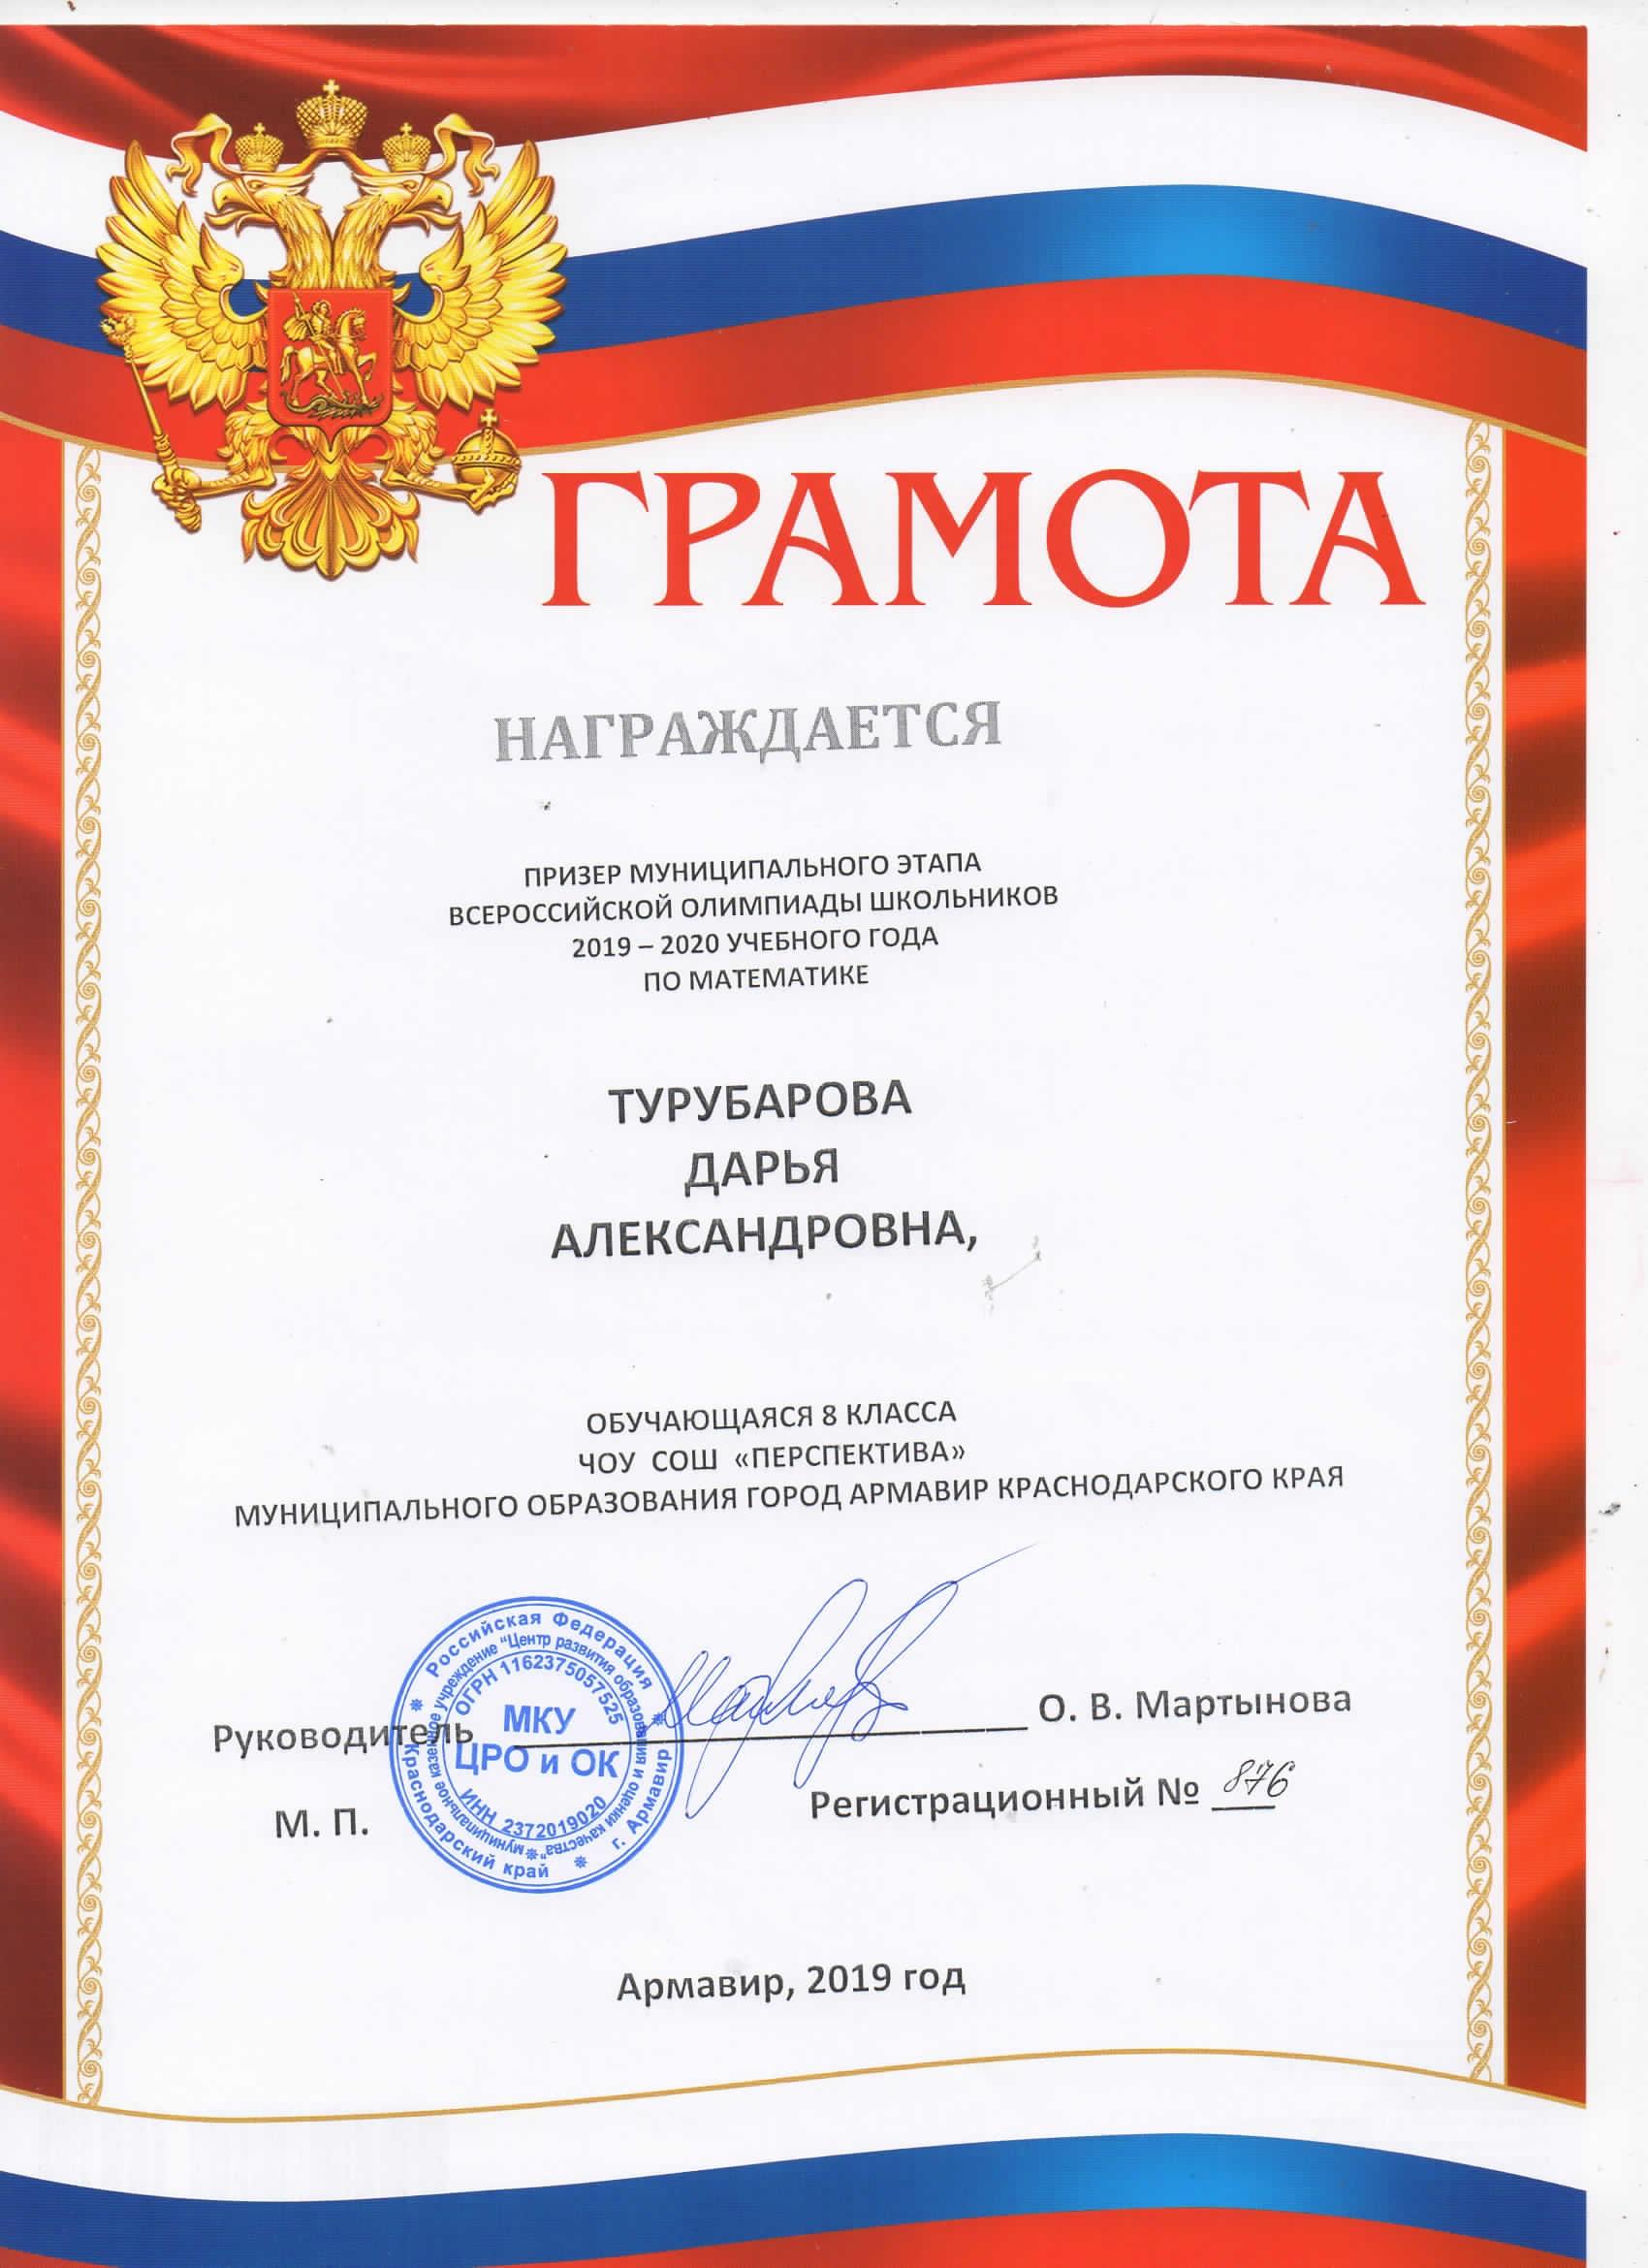 turubarova1